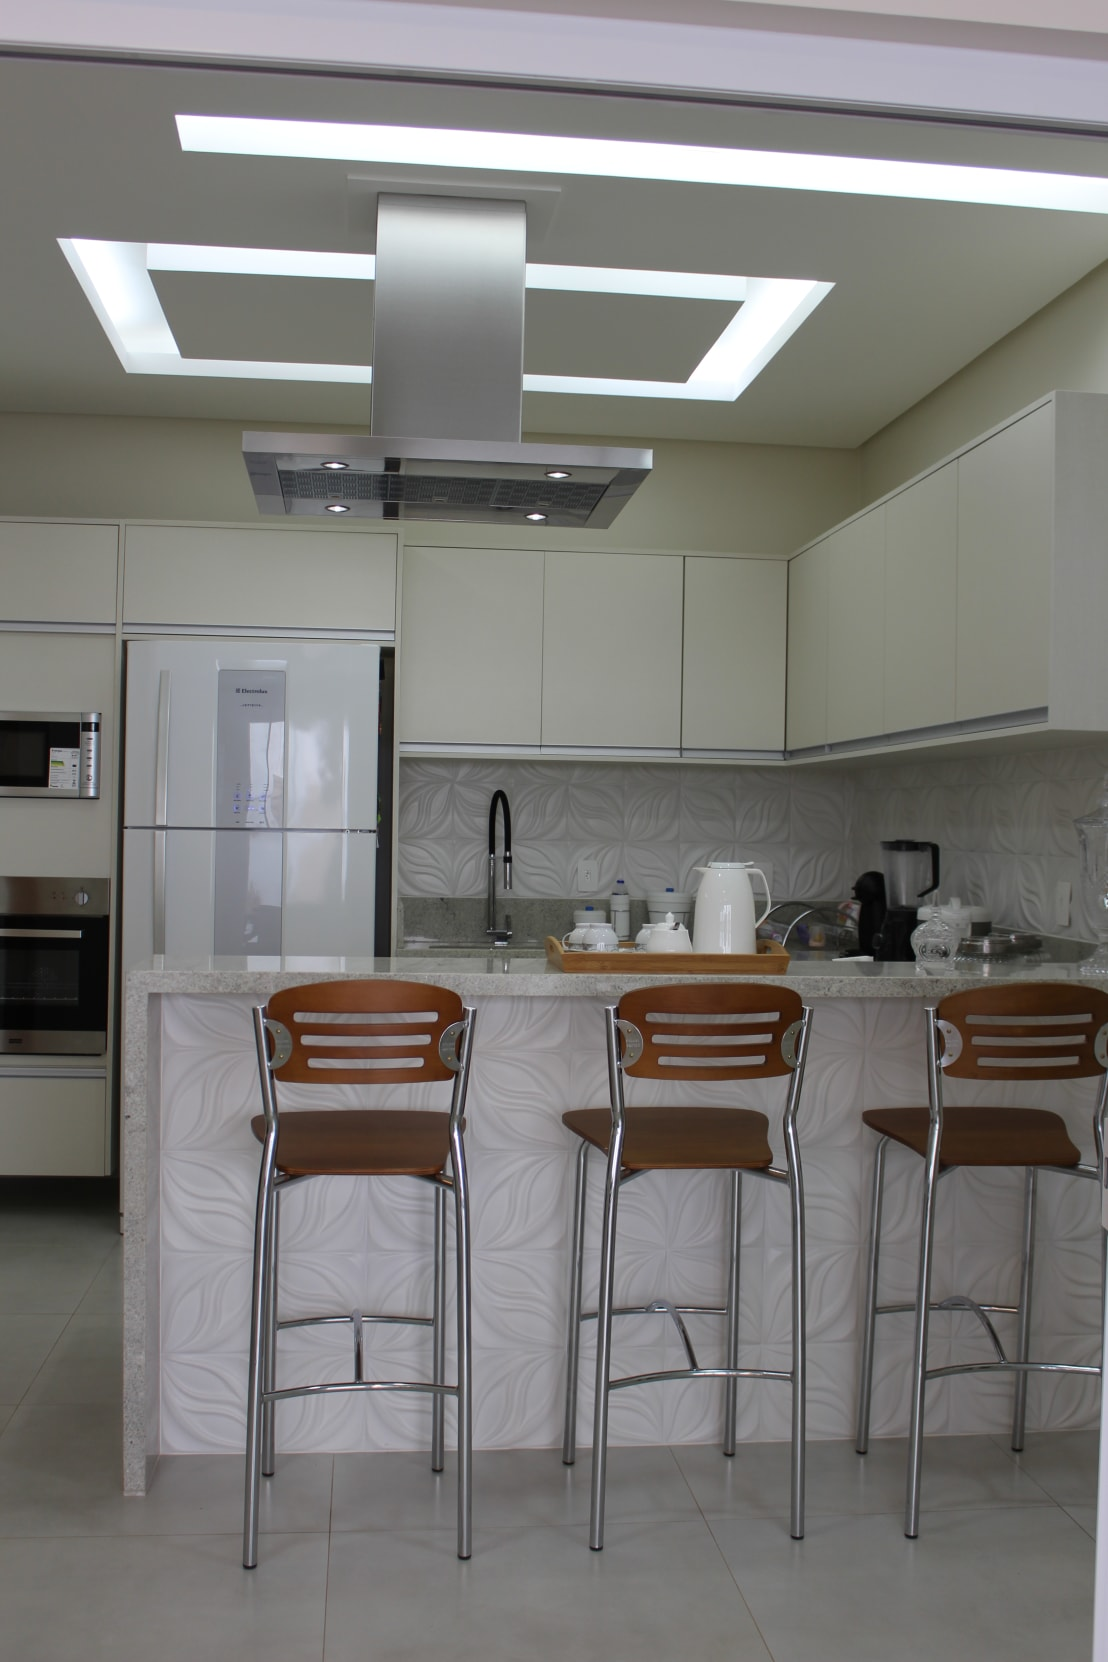 Sillas altas para barra de cocina ideas e inspiraci n for Sillas barra cocina